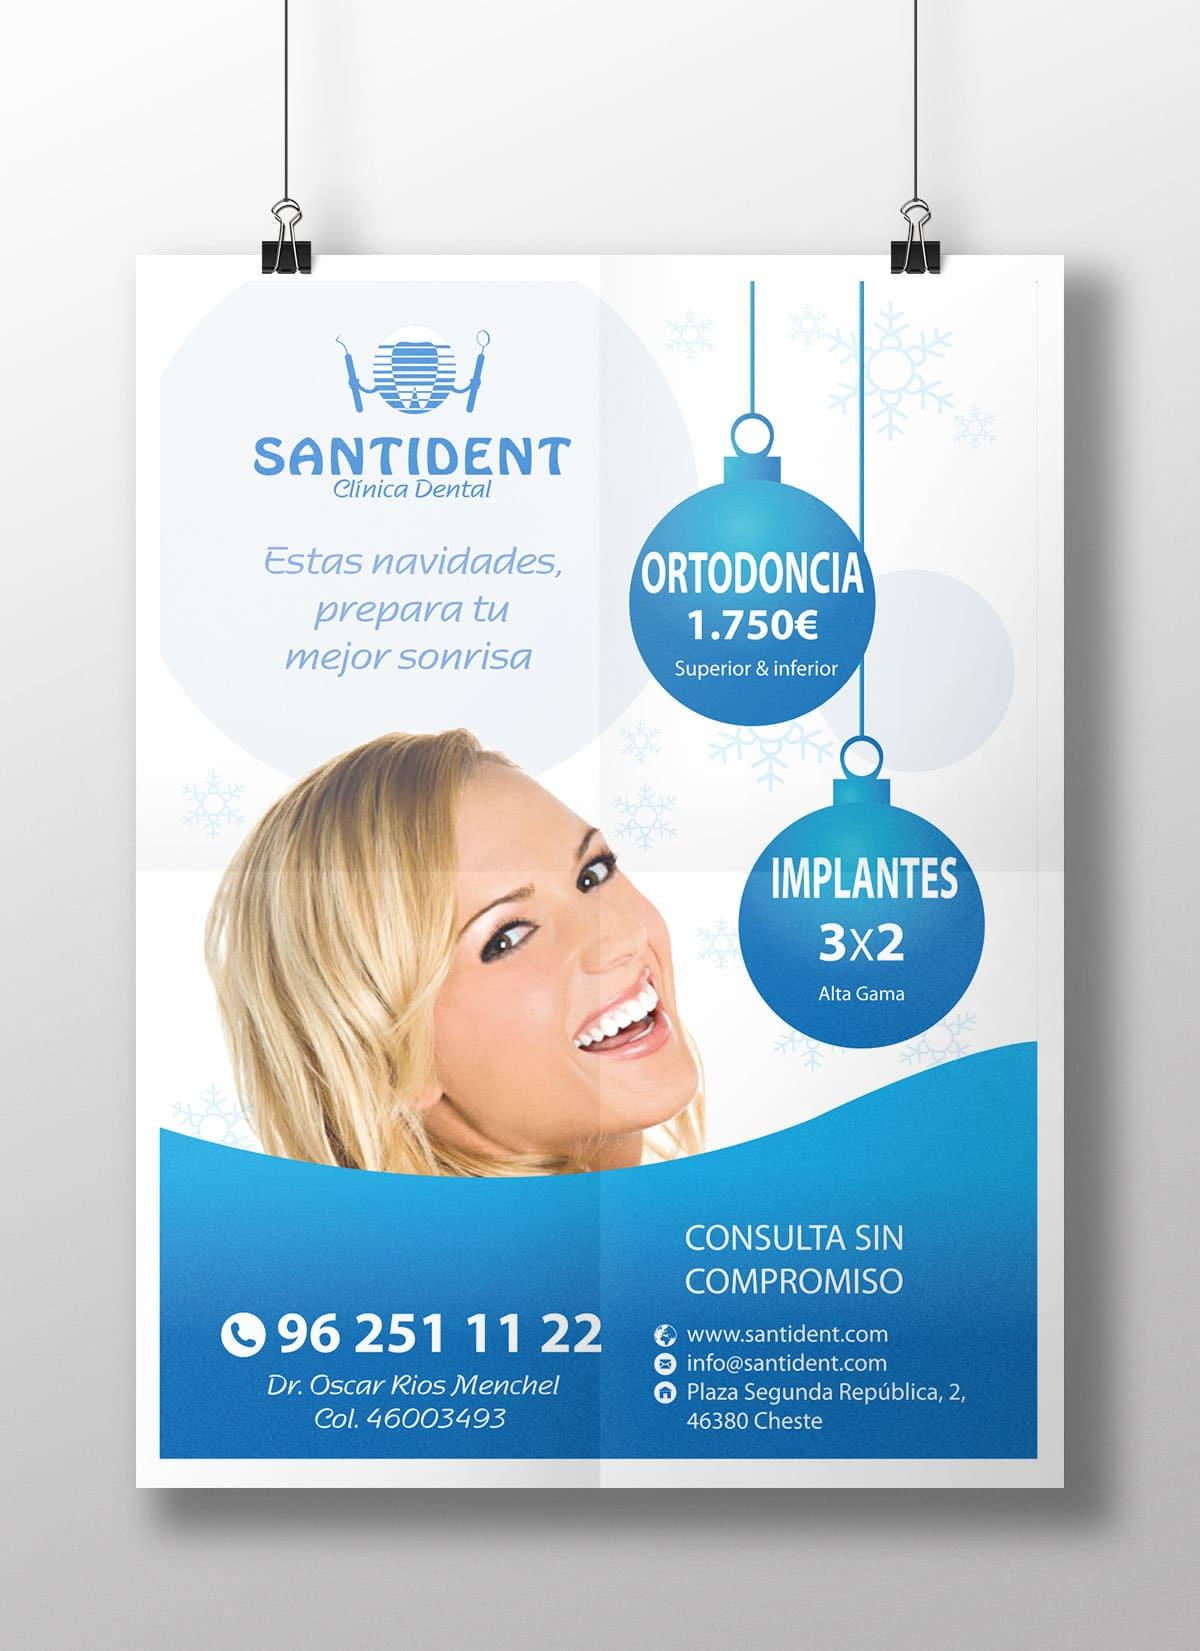 Diseño de cartel publicitario para la clínica dental Santident